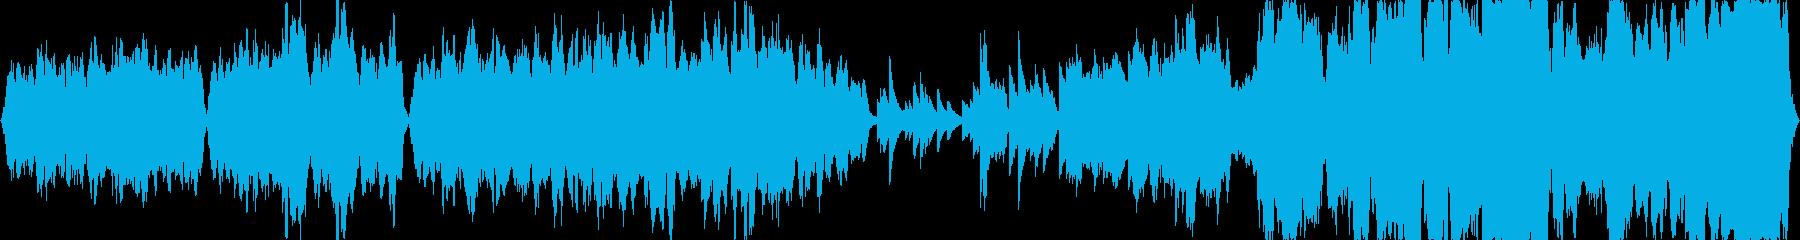 ストリングスとピアノを使用した楽曲とな…の再生済みの波形